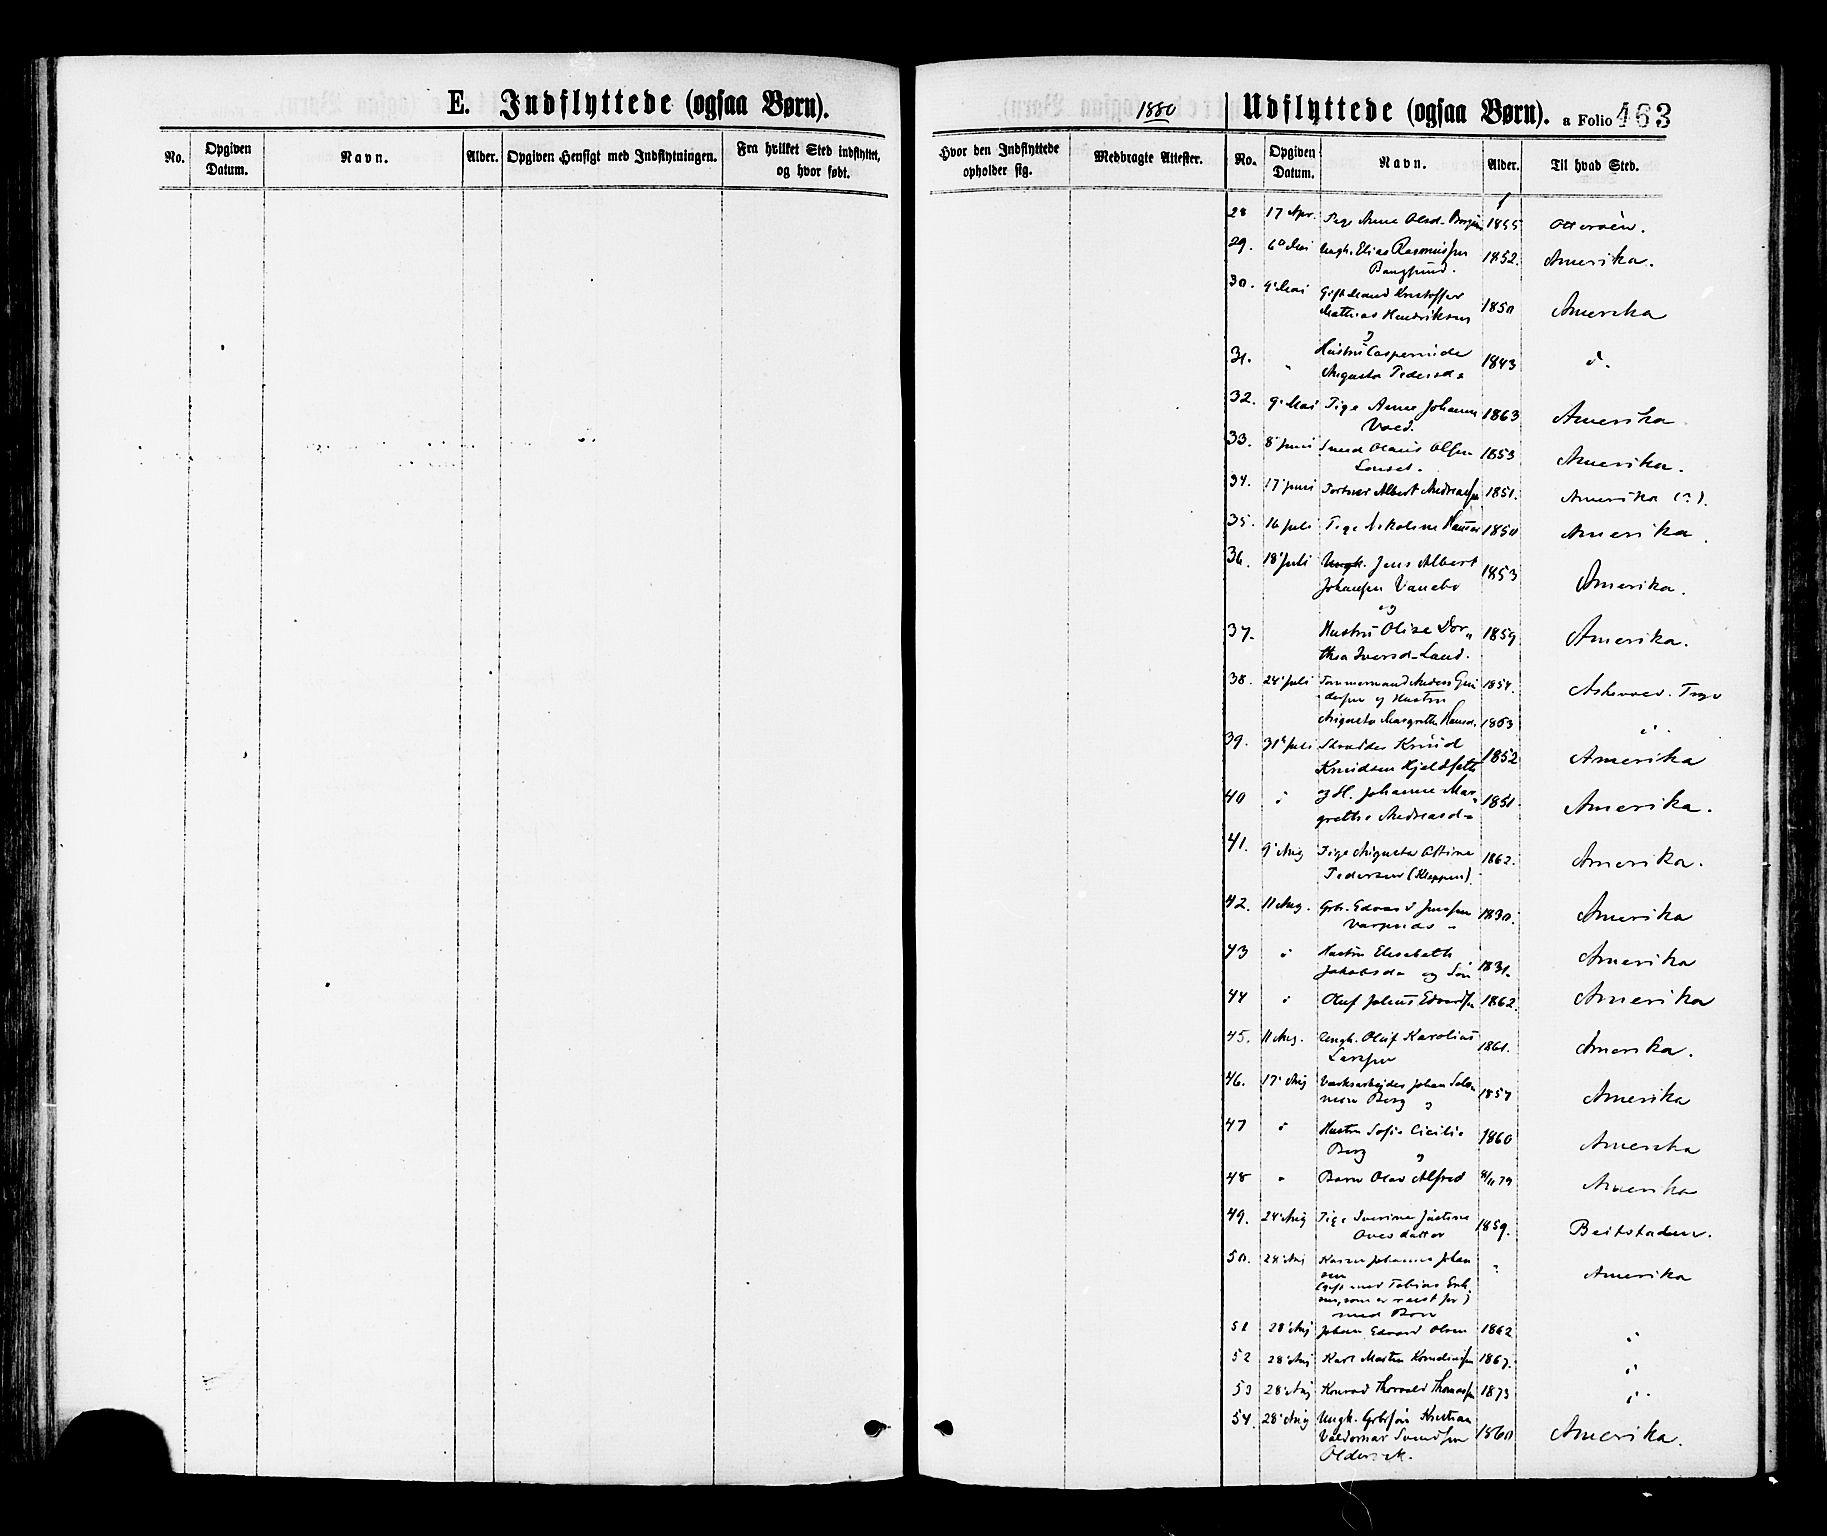 SAT, Ministerialprotokoller, klokkerbøker og fødselsregistre - Nord-Trøndelag, 768/L0572: Parish register (official) no. 768A07, 1874-1886, p. 463